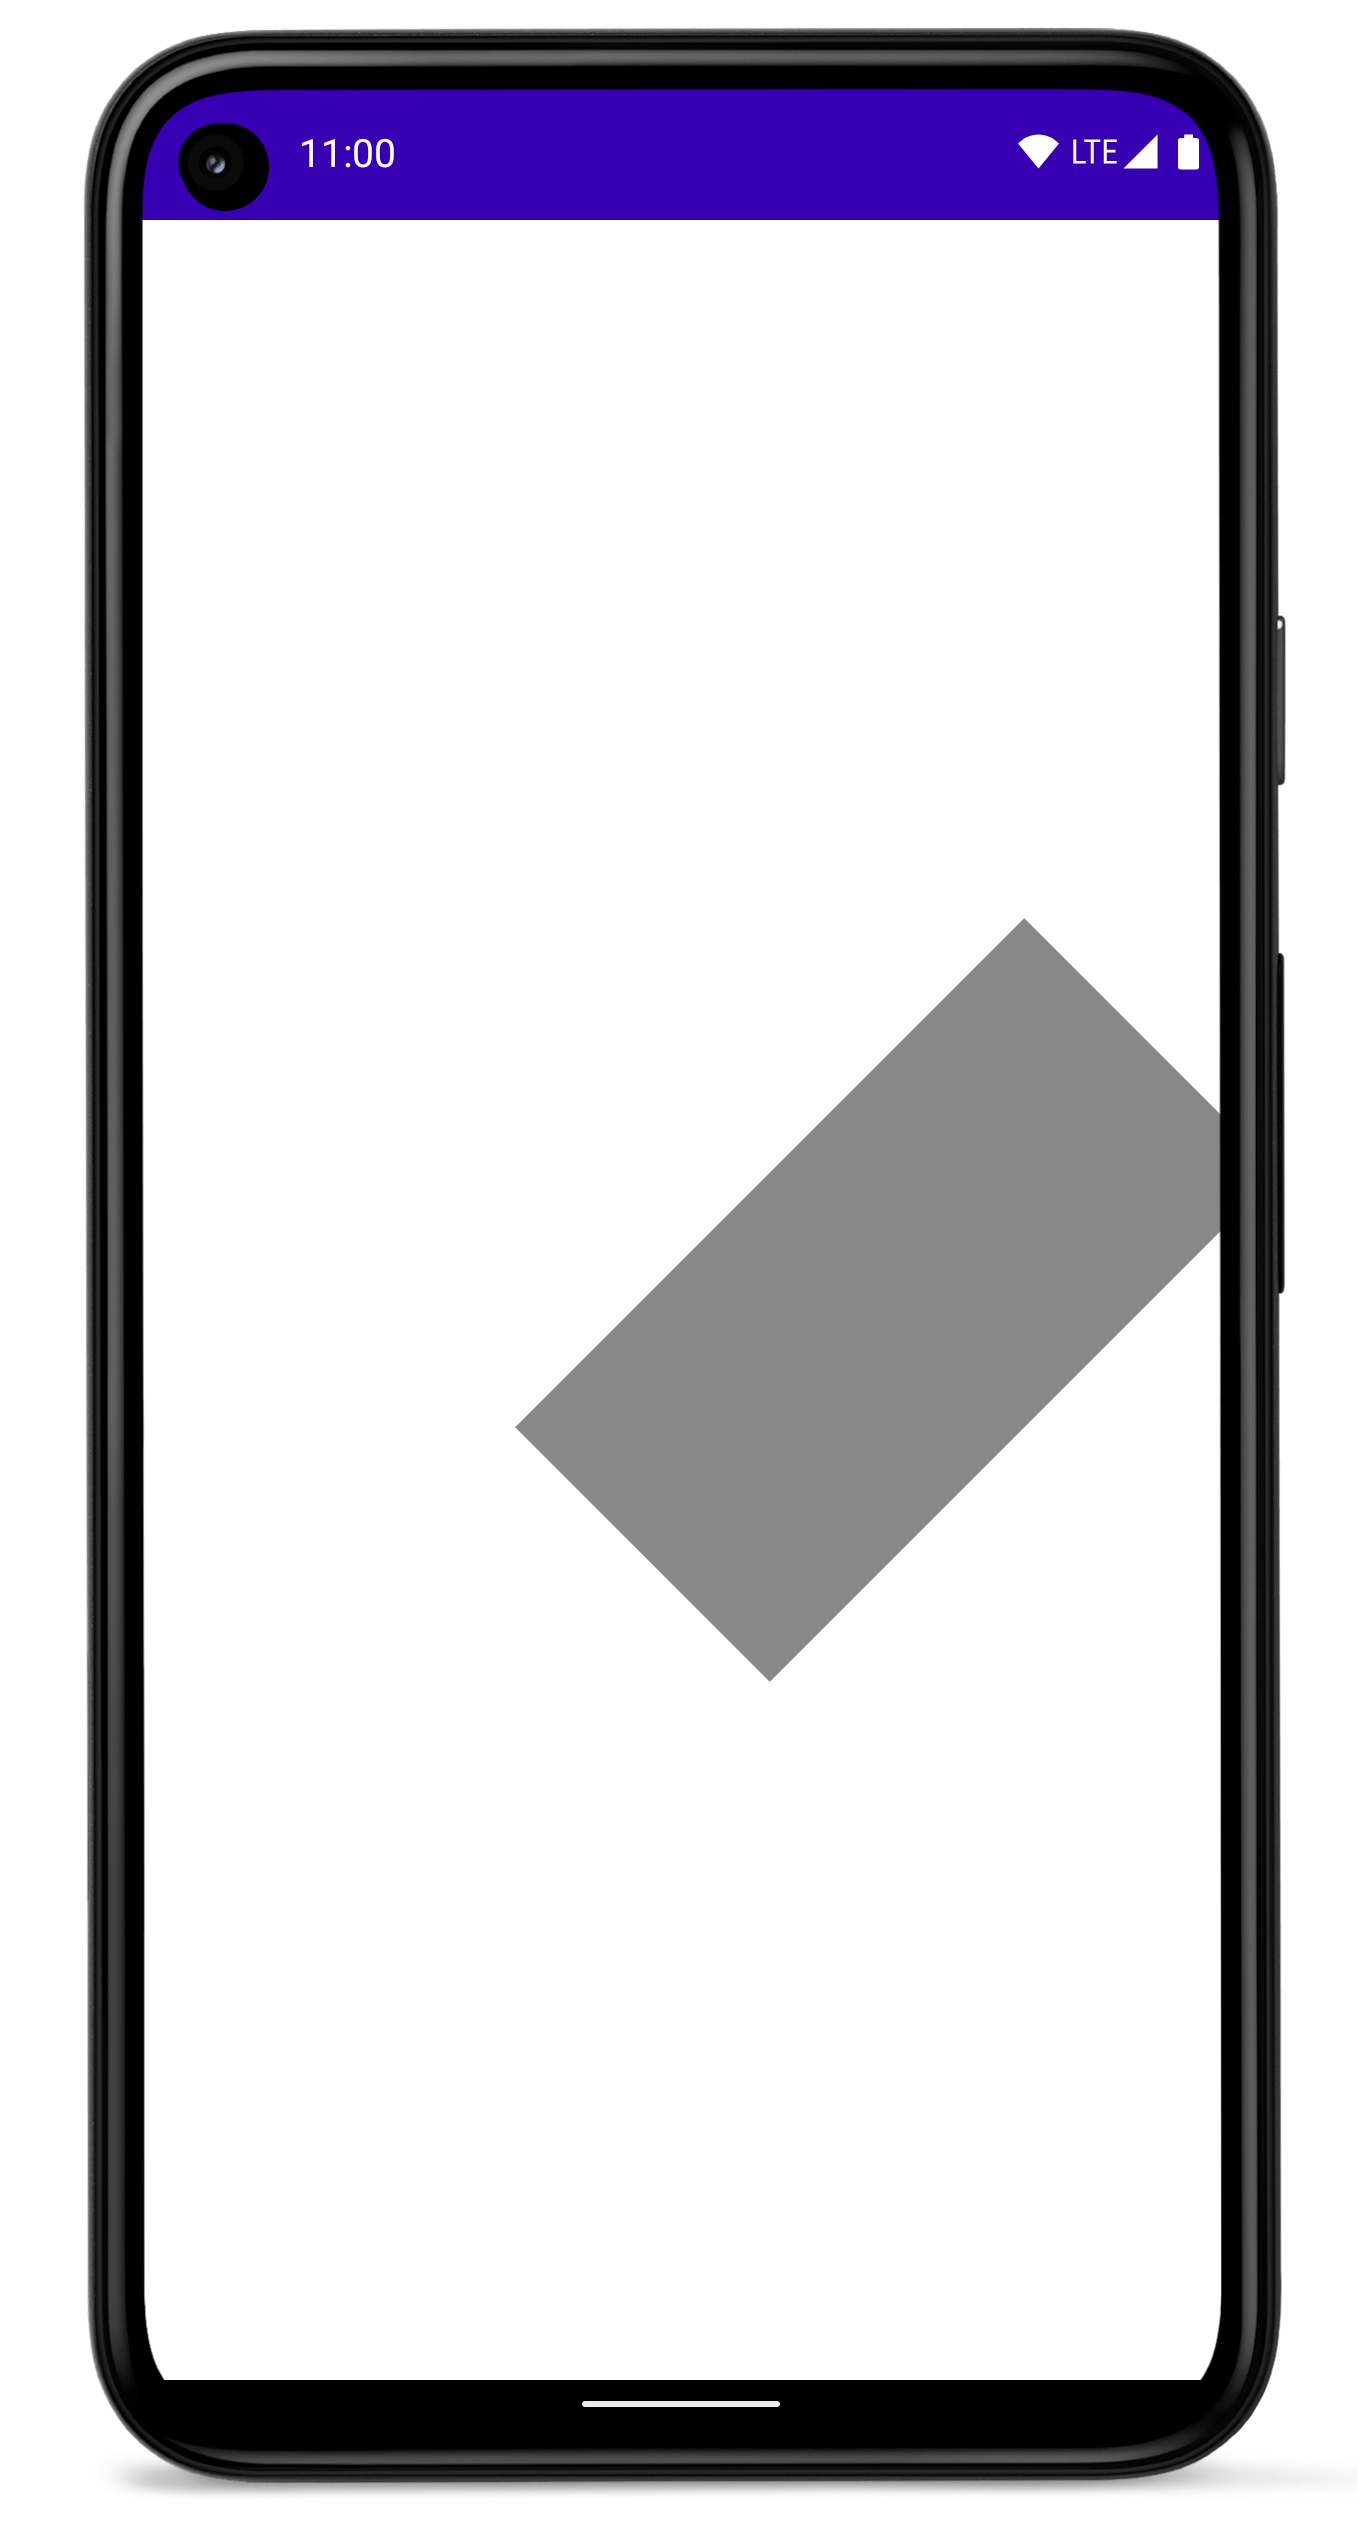 화면의 측면으로 이동한 회전된 직사각형이 있는 휴대전화